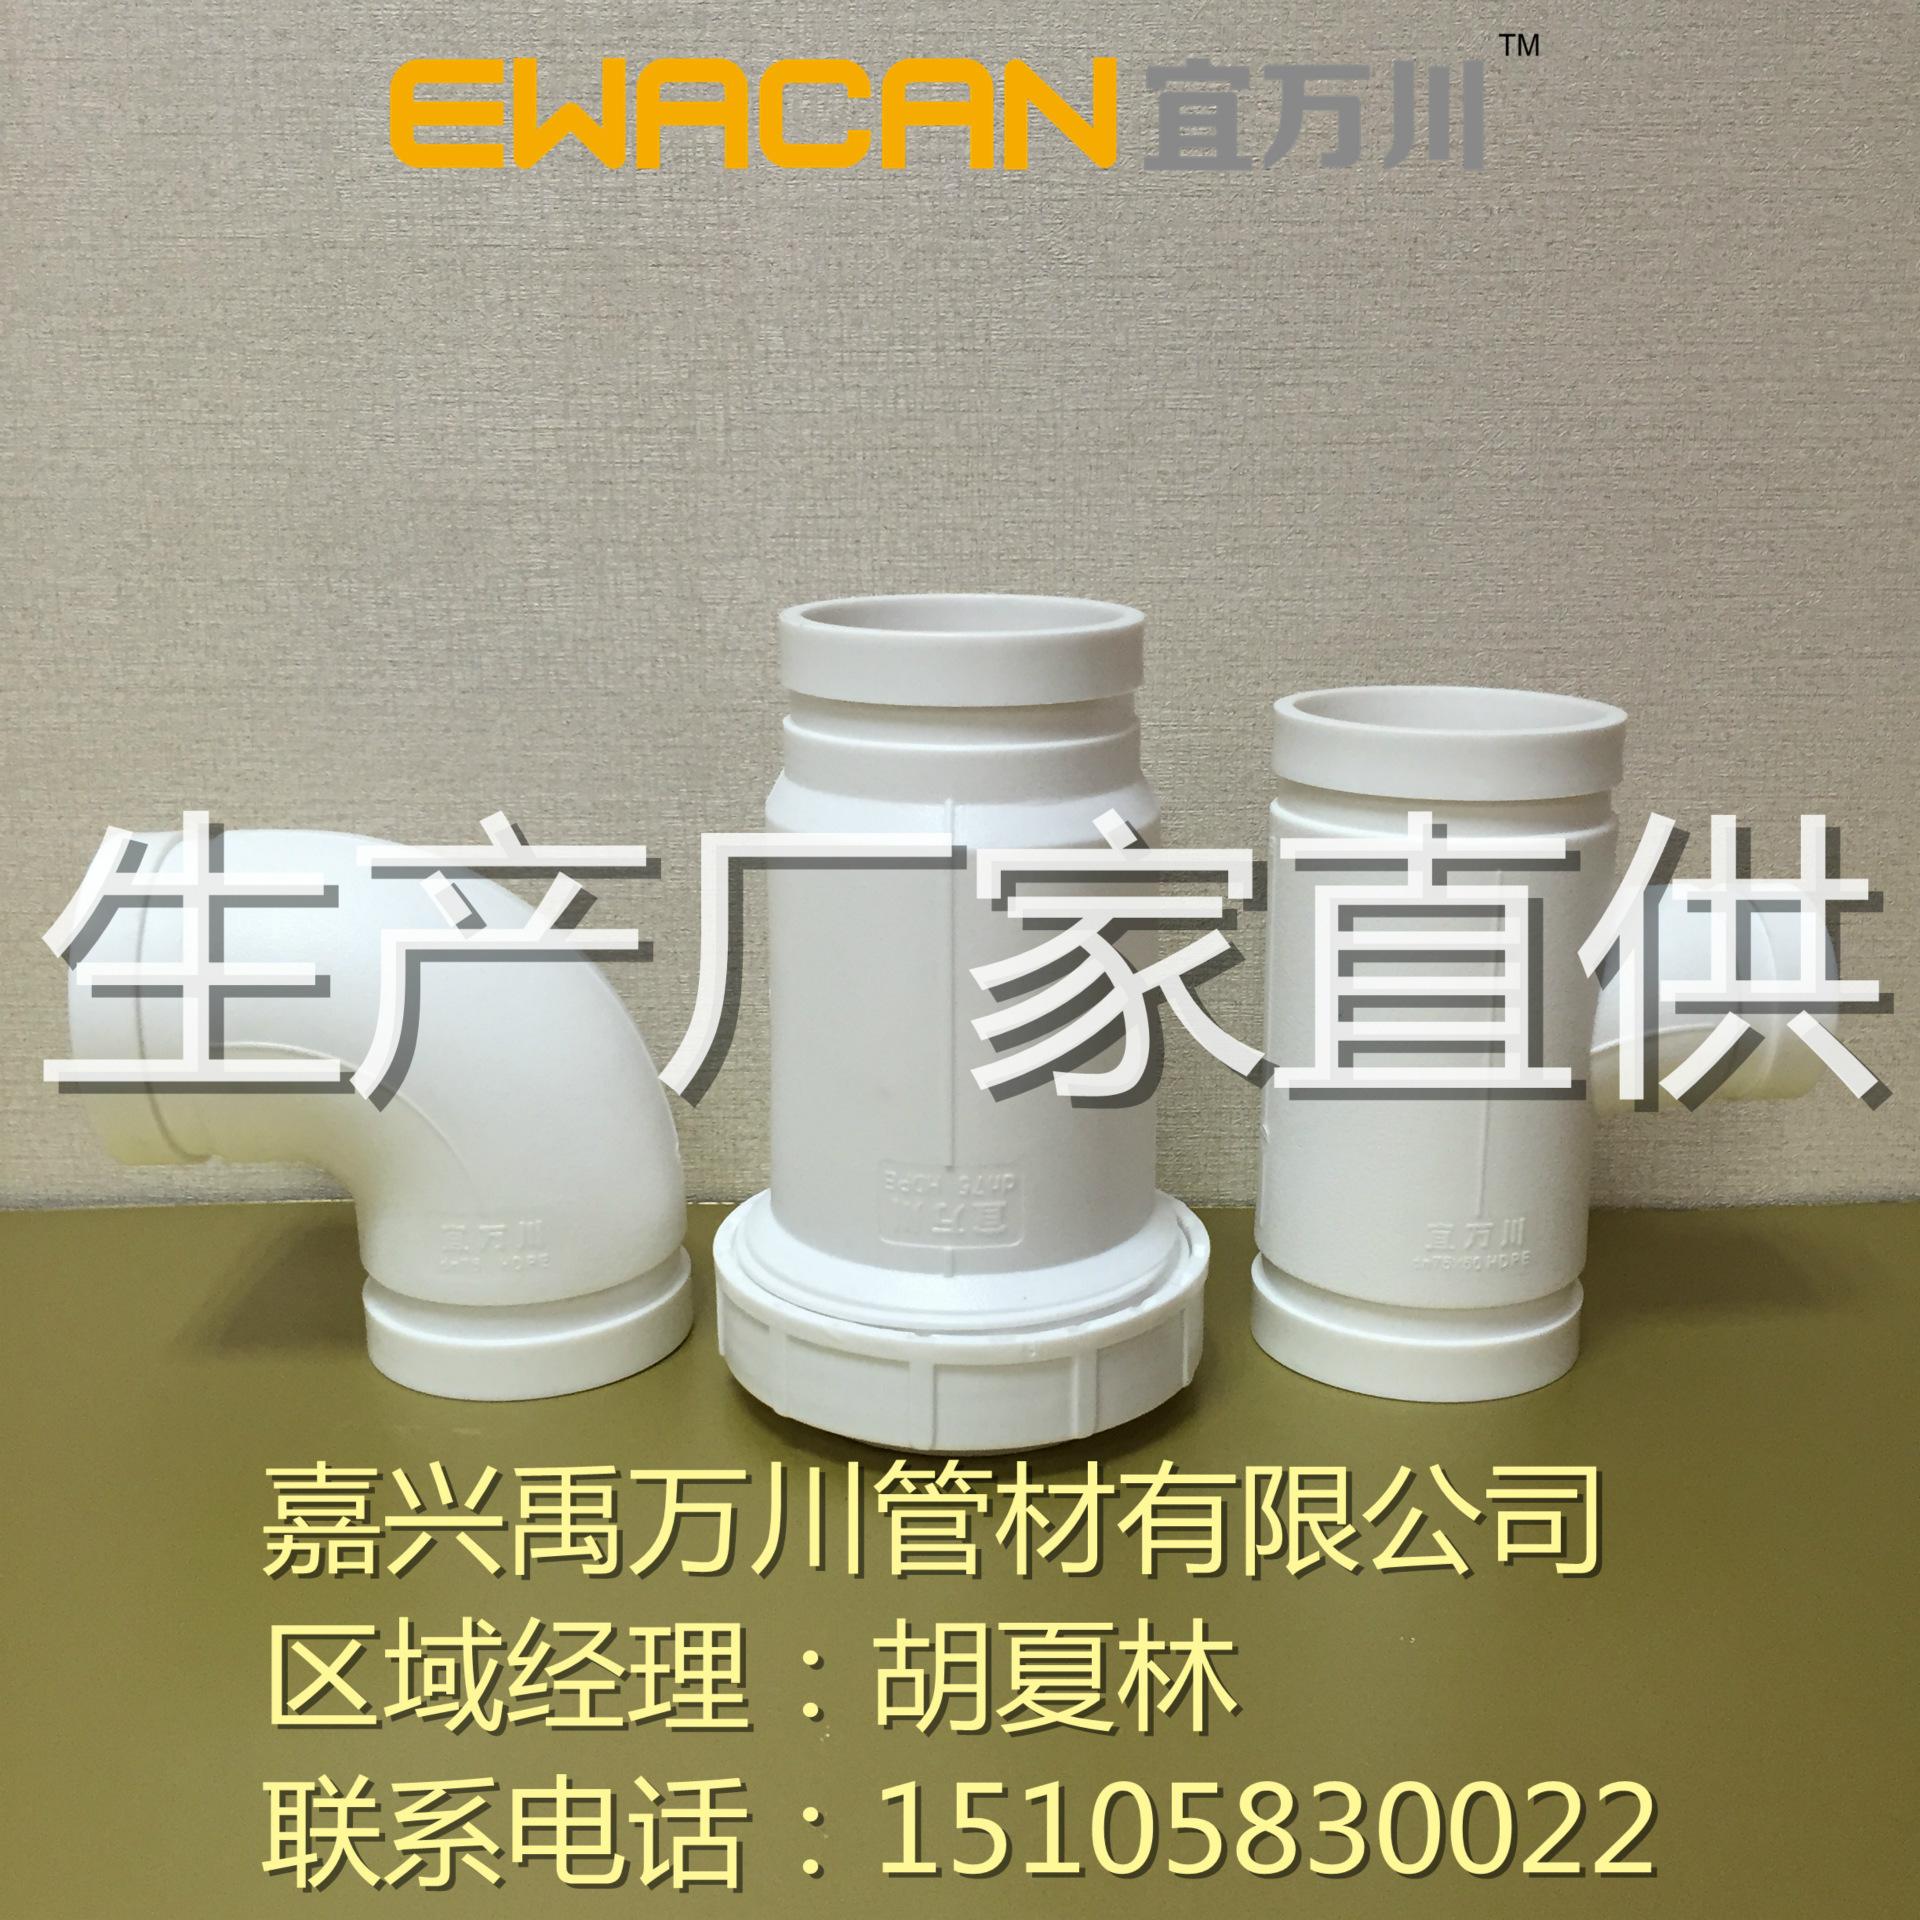 沟槽式HDPE超静音排水管,沟槽式伸缩节,HDPE沟槽管,宜万川PE管示例图2